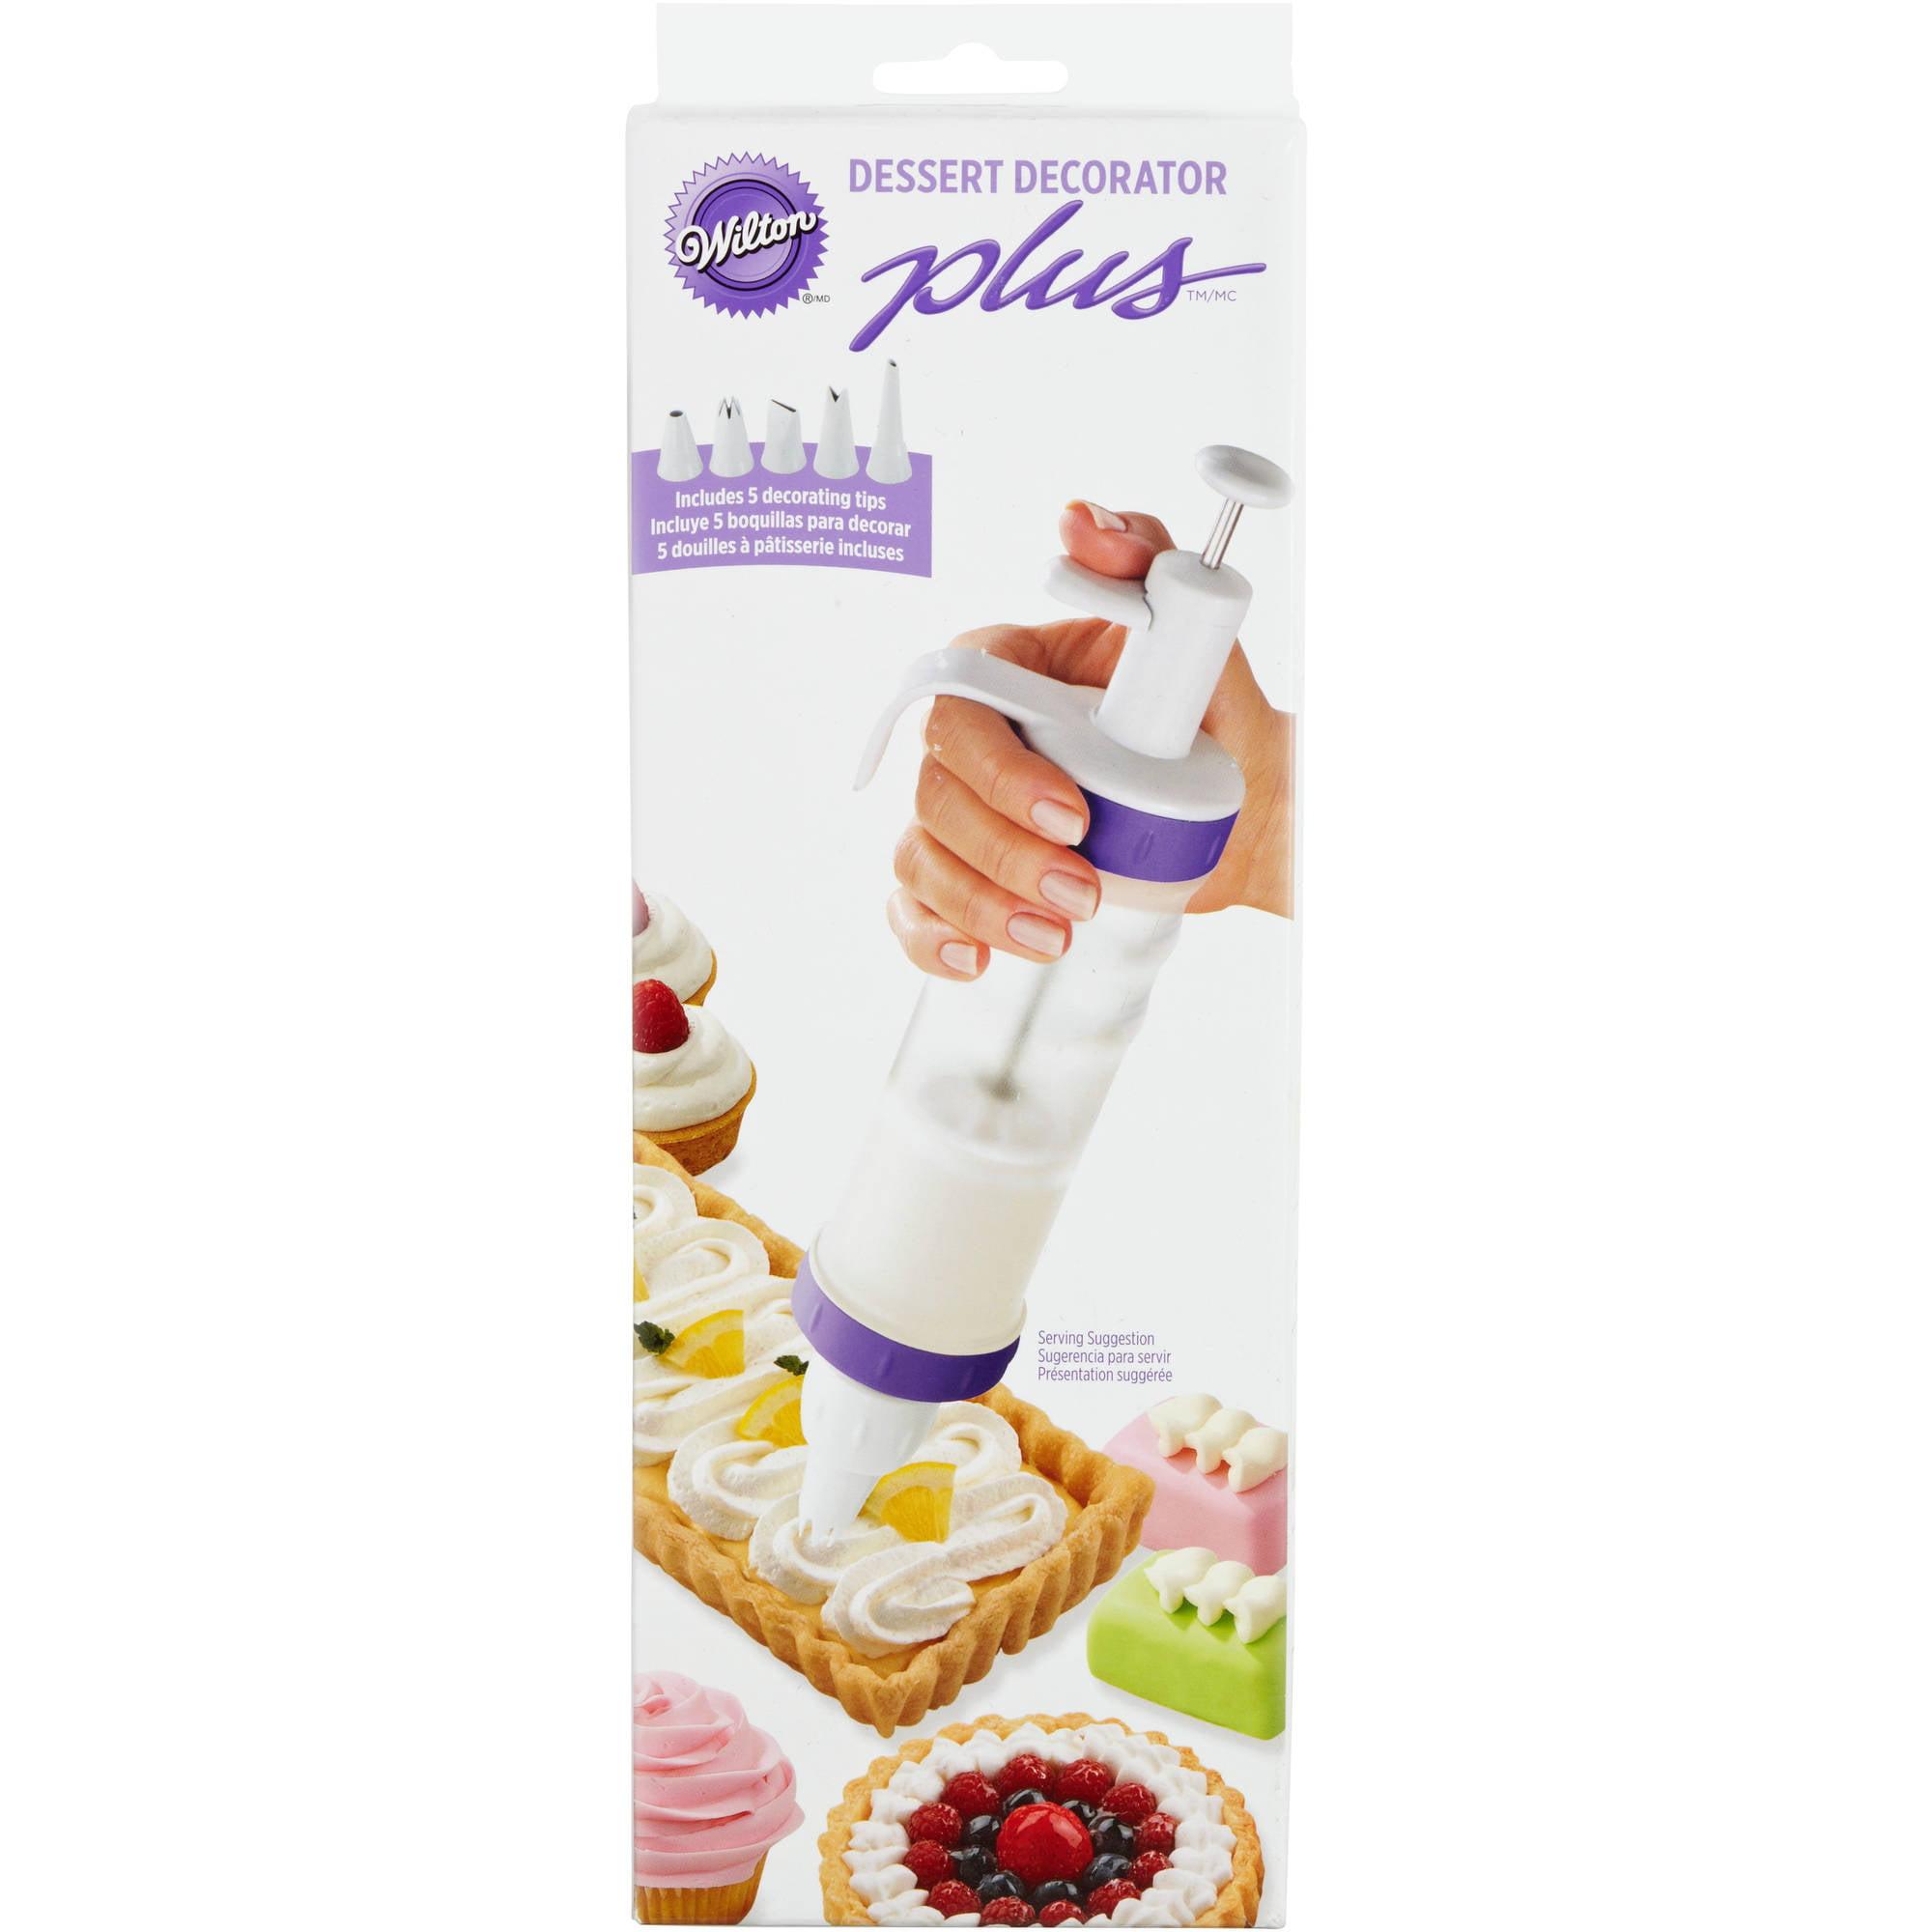 Wilton Dessert Decorator Plus 415-0906